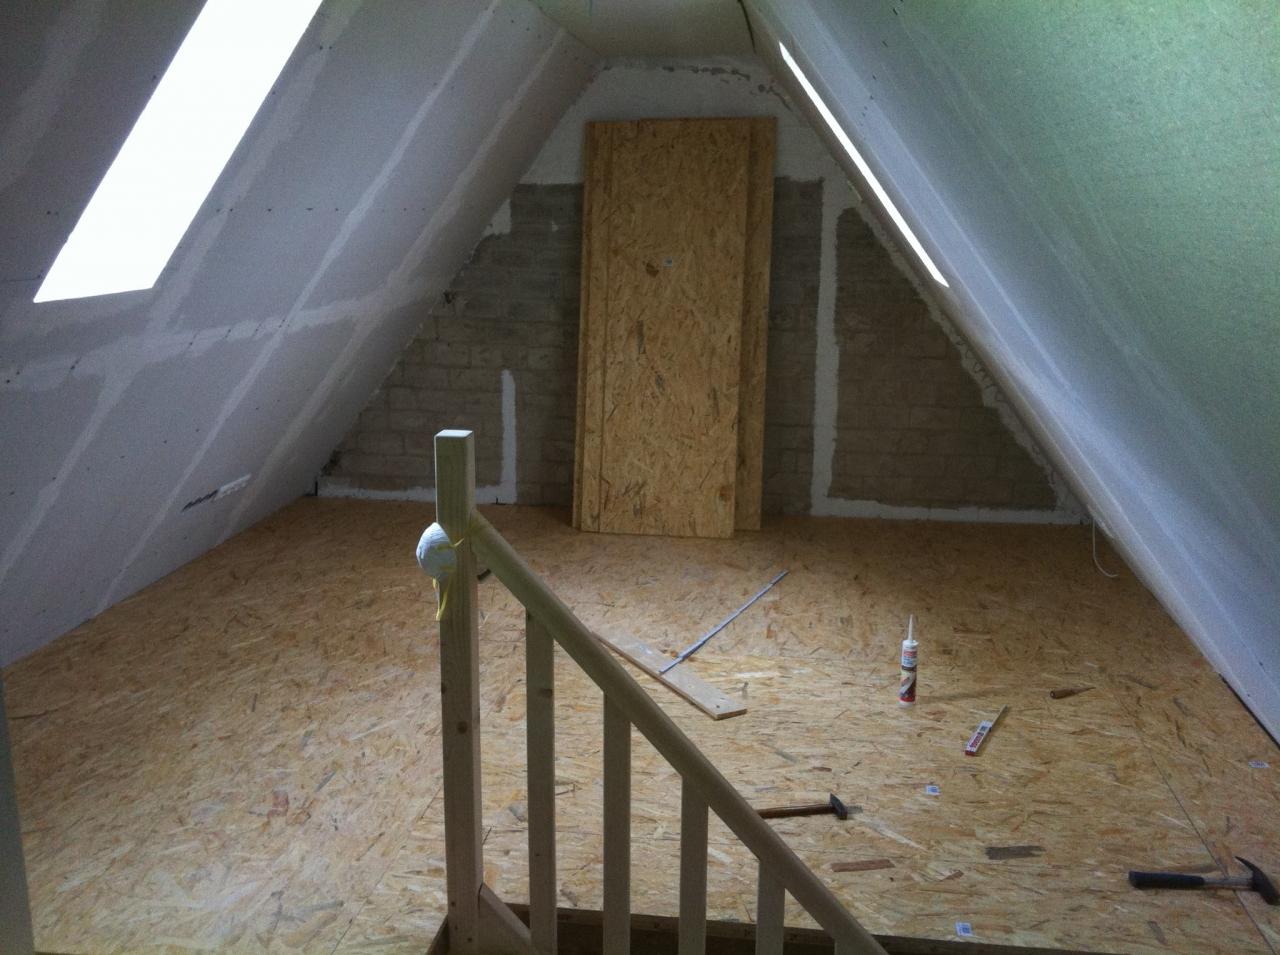 Inspirierend Dachboden Ausbauen Treppe Referenz Von Ausbau - Bauanleitung Zum Selberbauen - 1-2-doreview